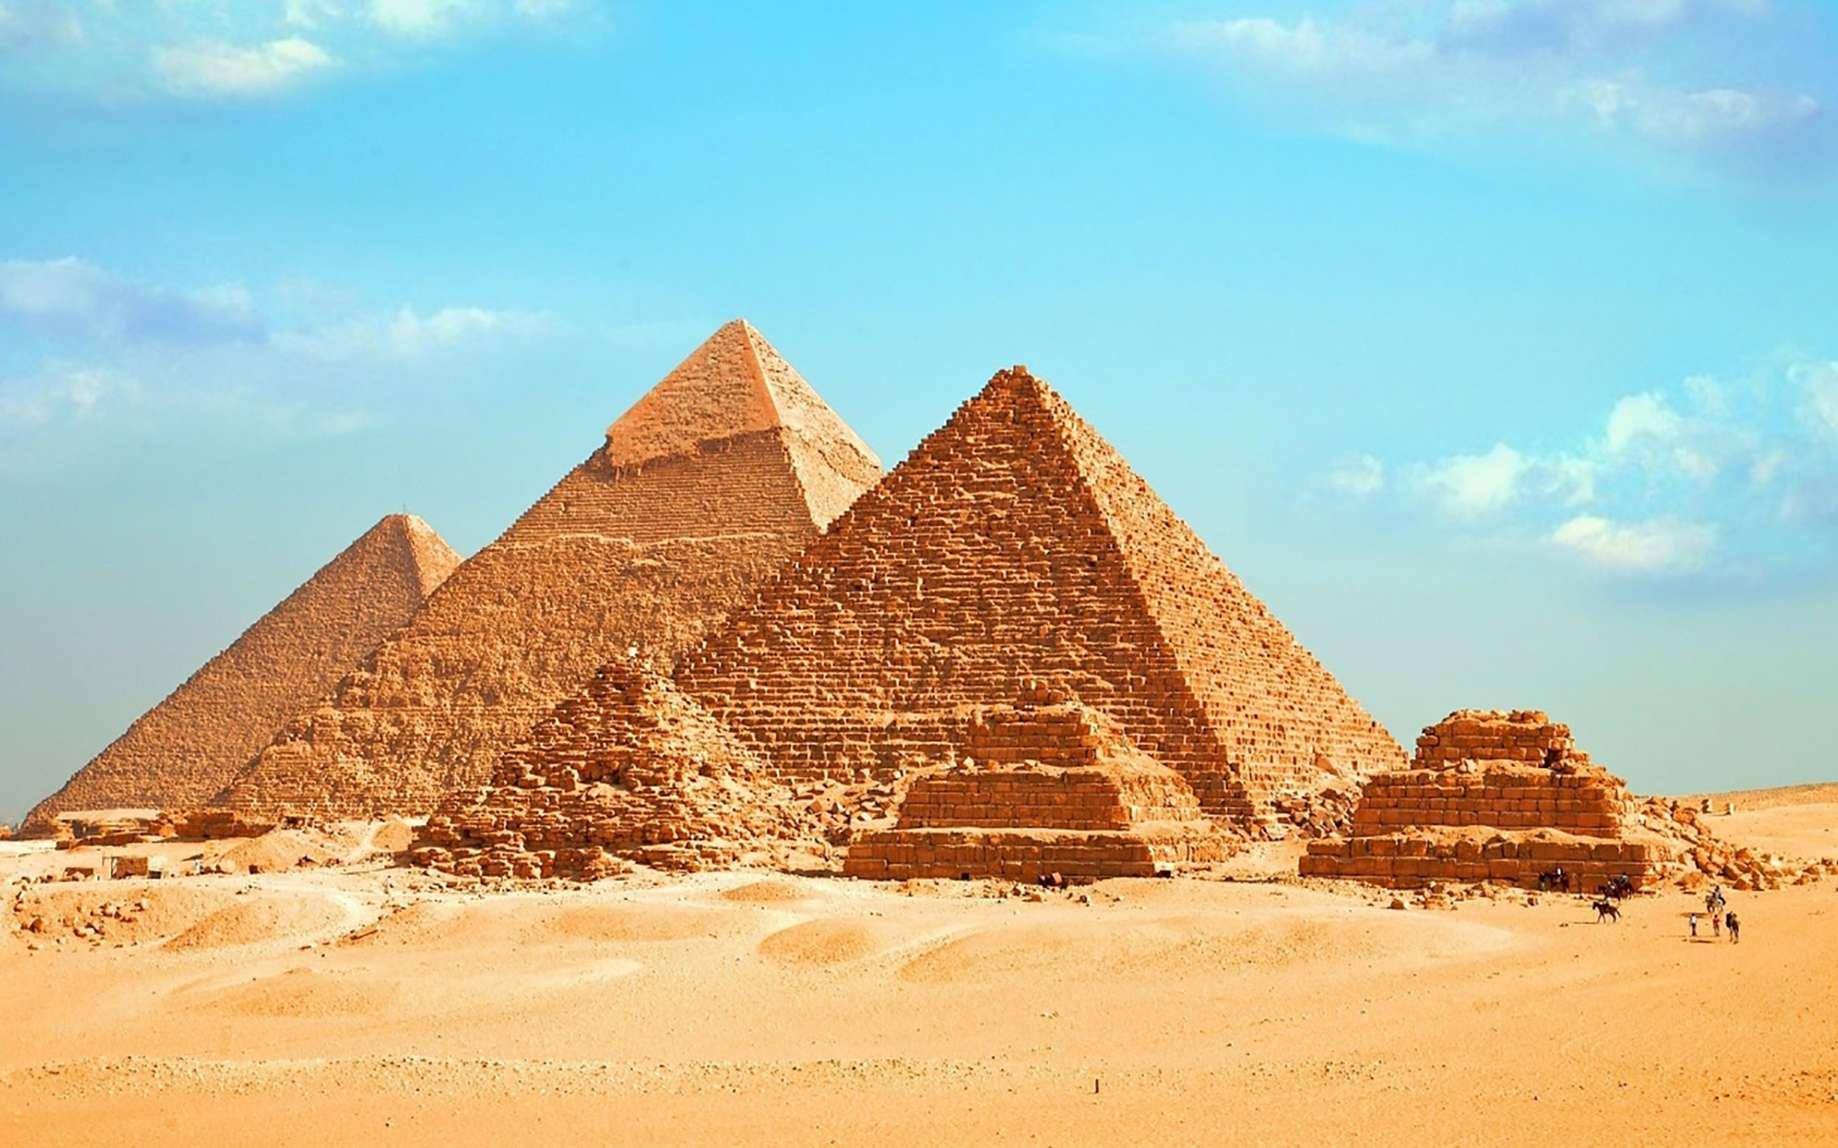 Les grandes pyramides de Gizeh en Égypte. © Ahmed, fotolia